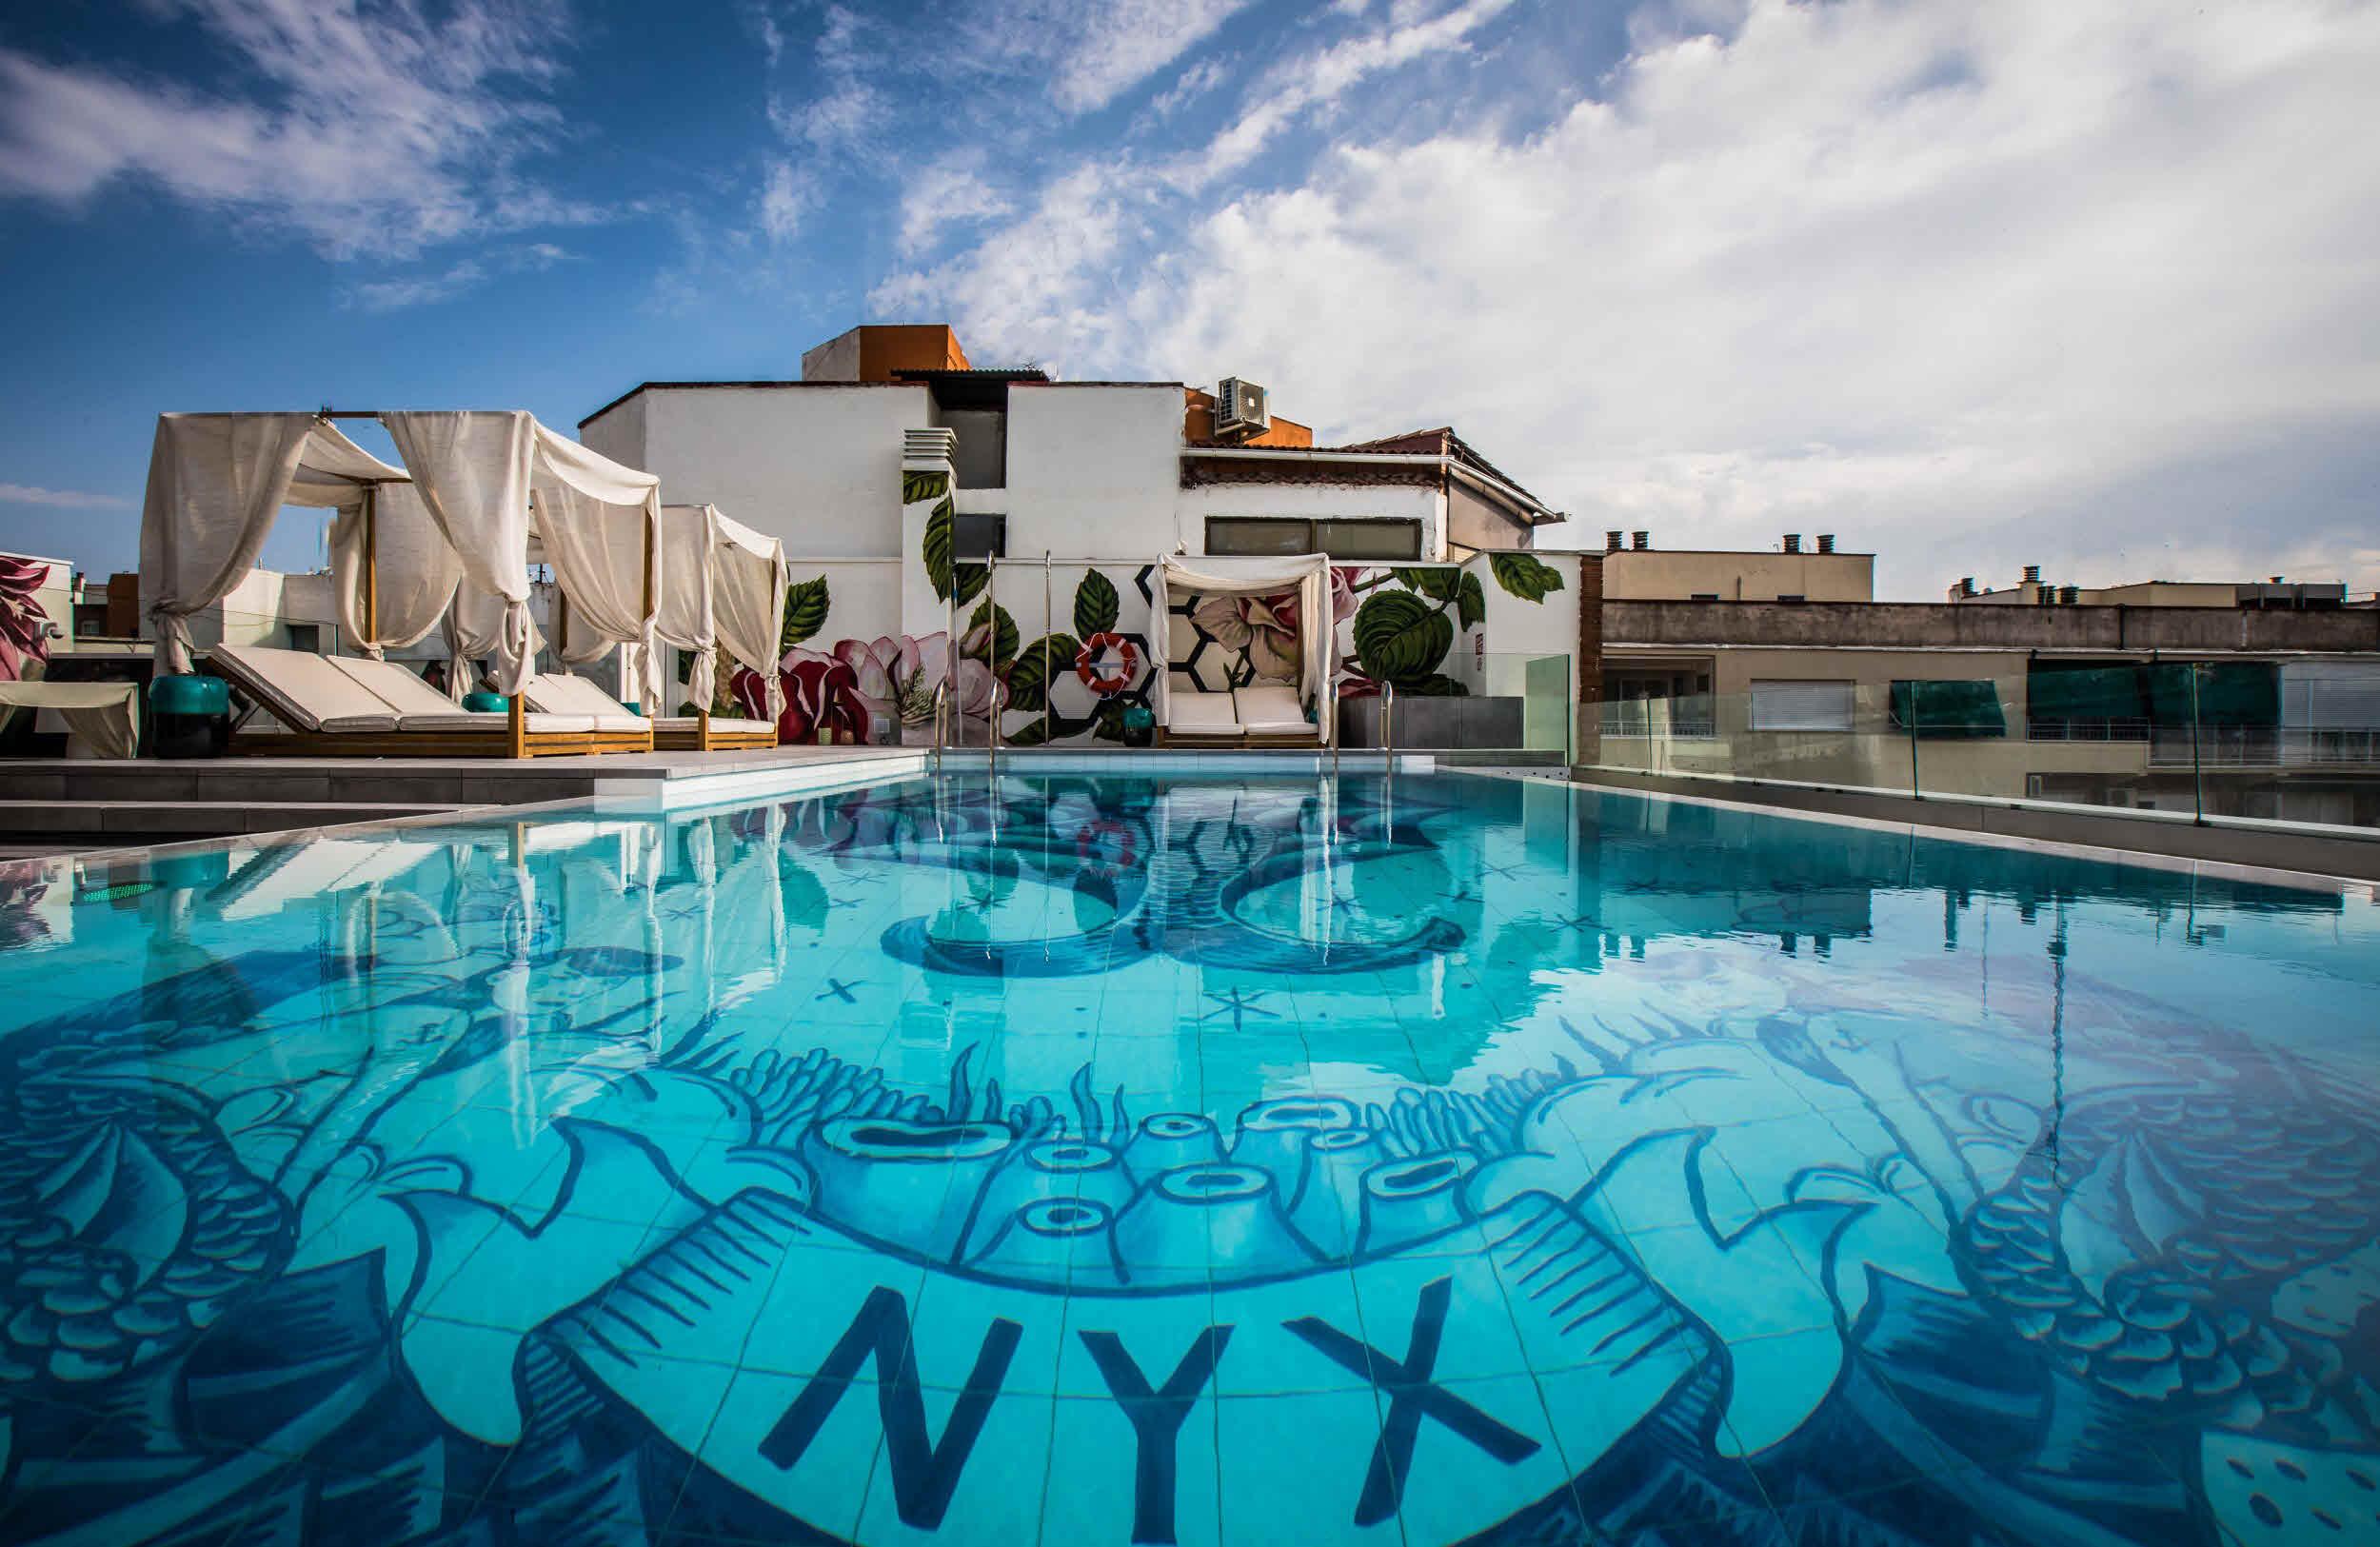 piscina nyx madrid hotel